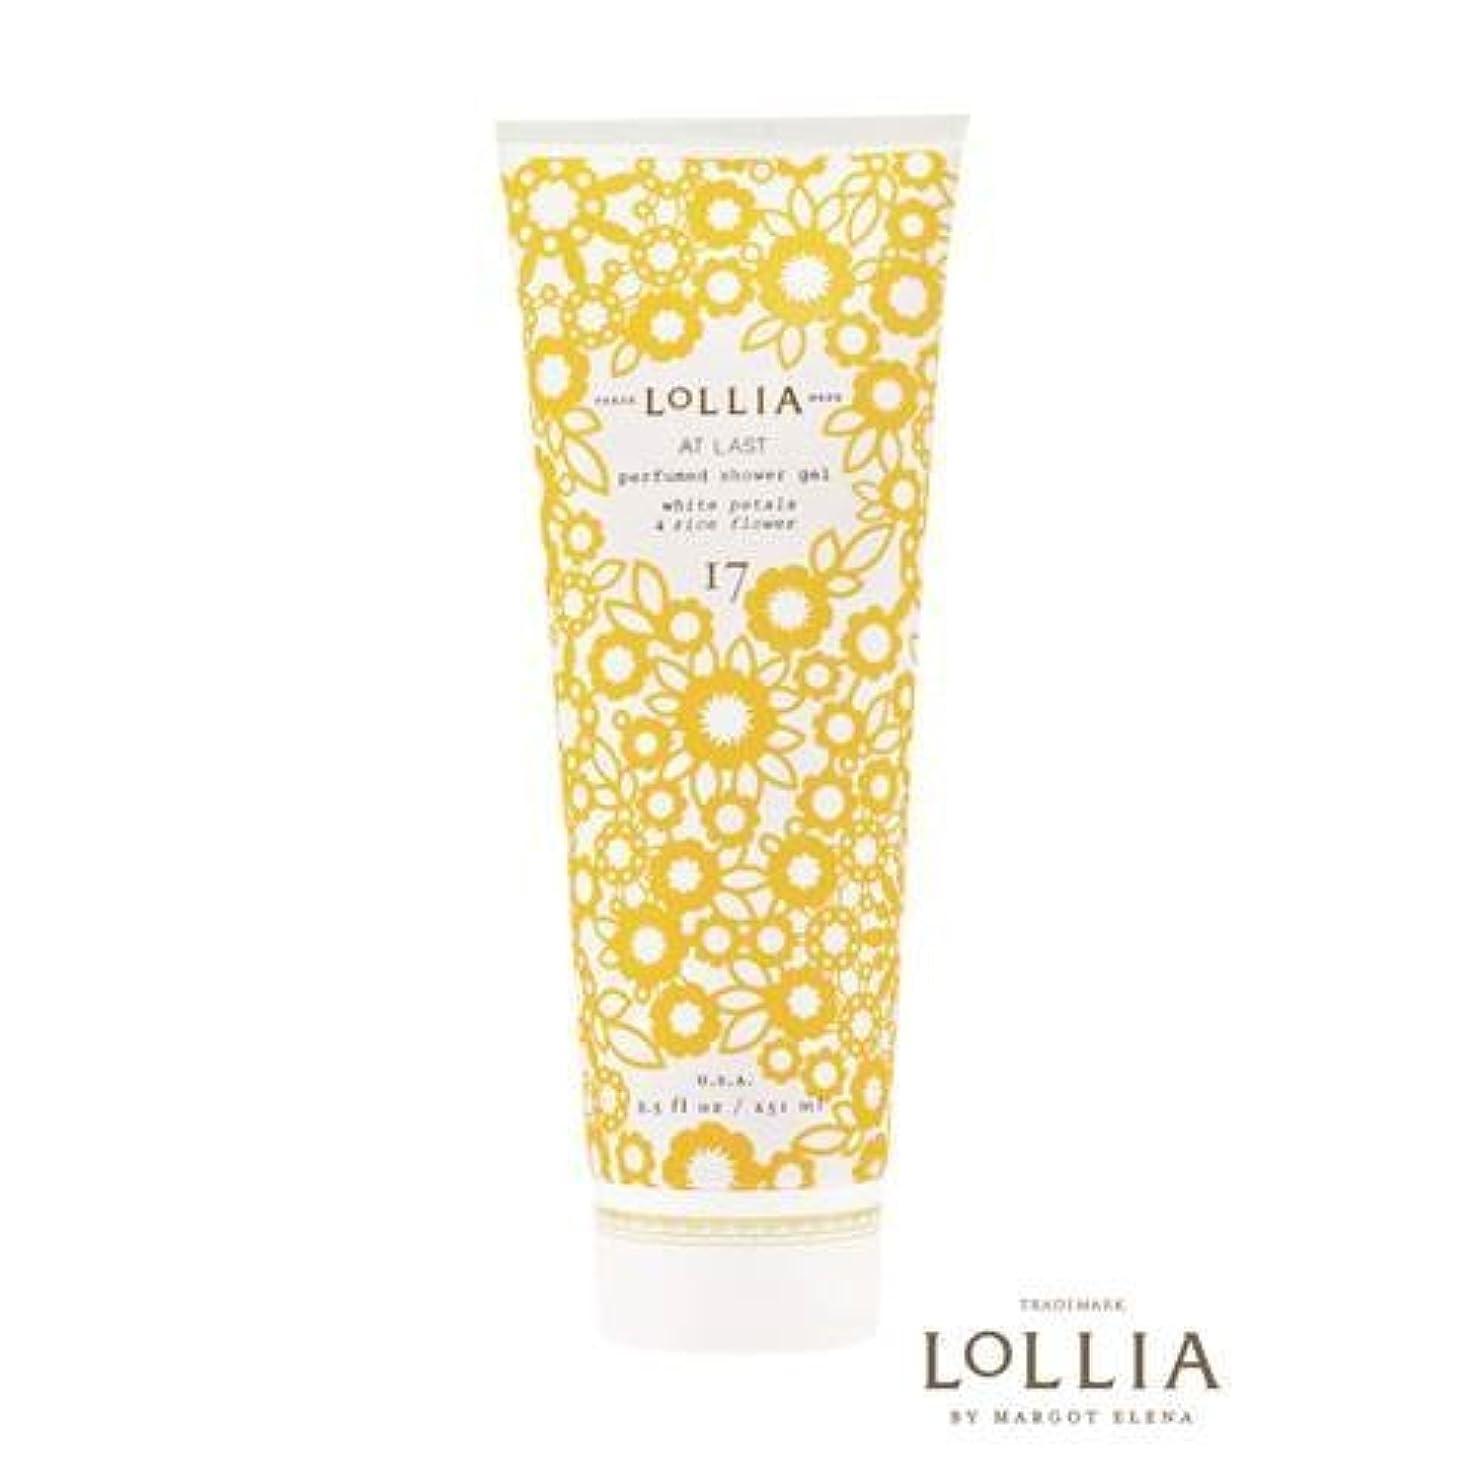 必須パン無実ロリア(LoLLIA) パフュームドシャワージェル AtLast 251ml(全身用洗浄料 ボディーソープ ライスフラワー、マグノリアとミモザの柔らかな花々の香り)